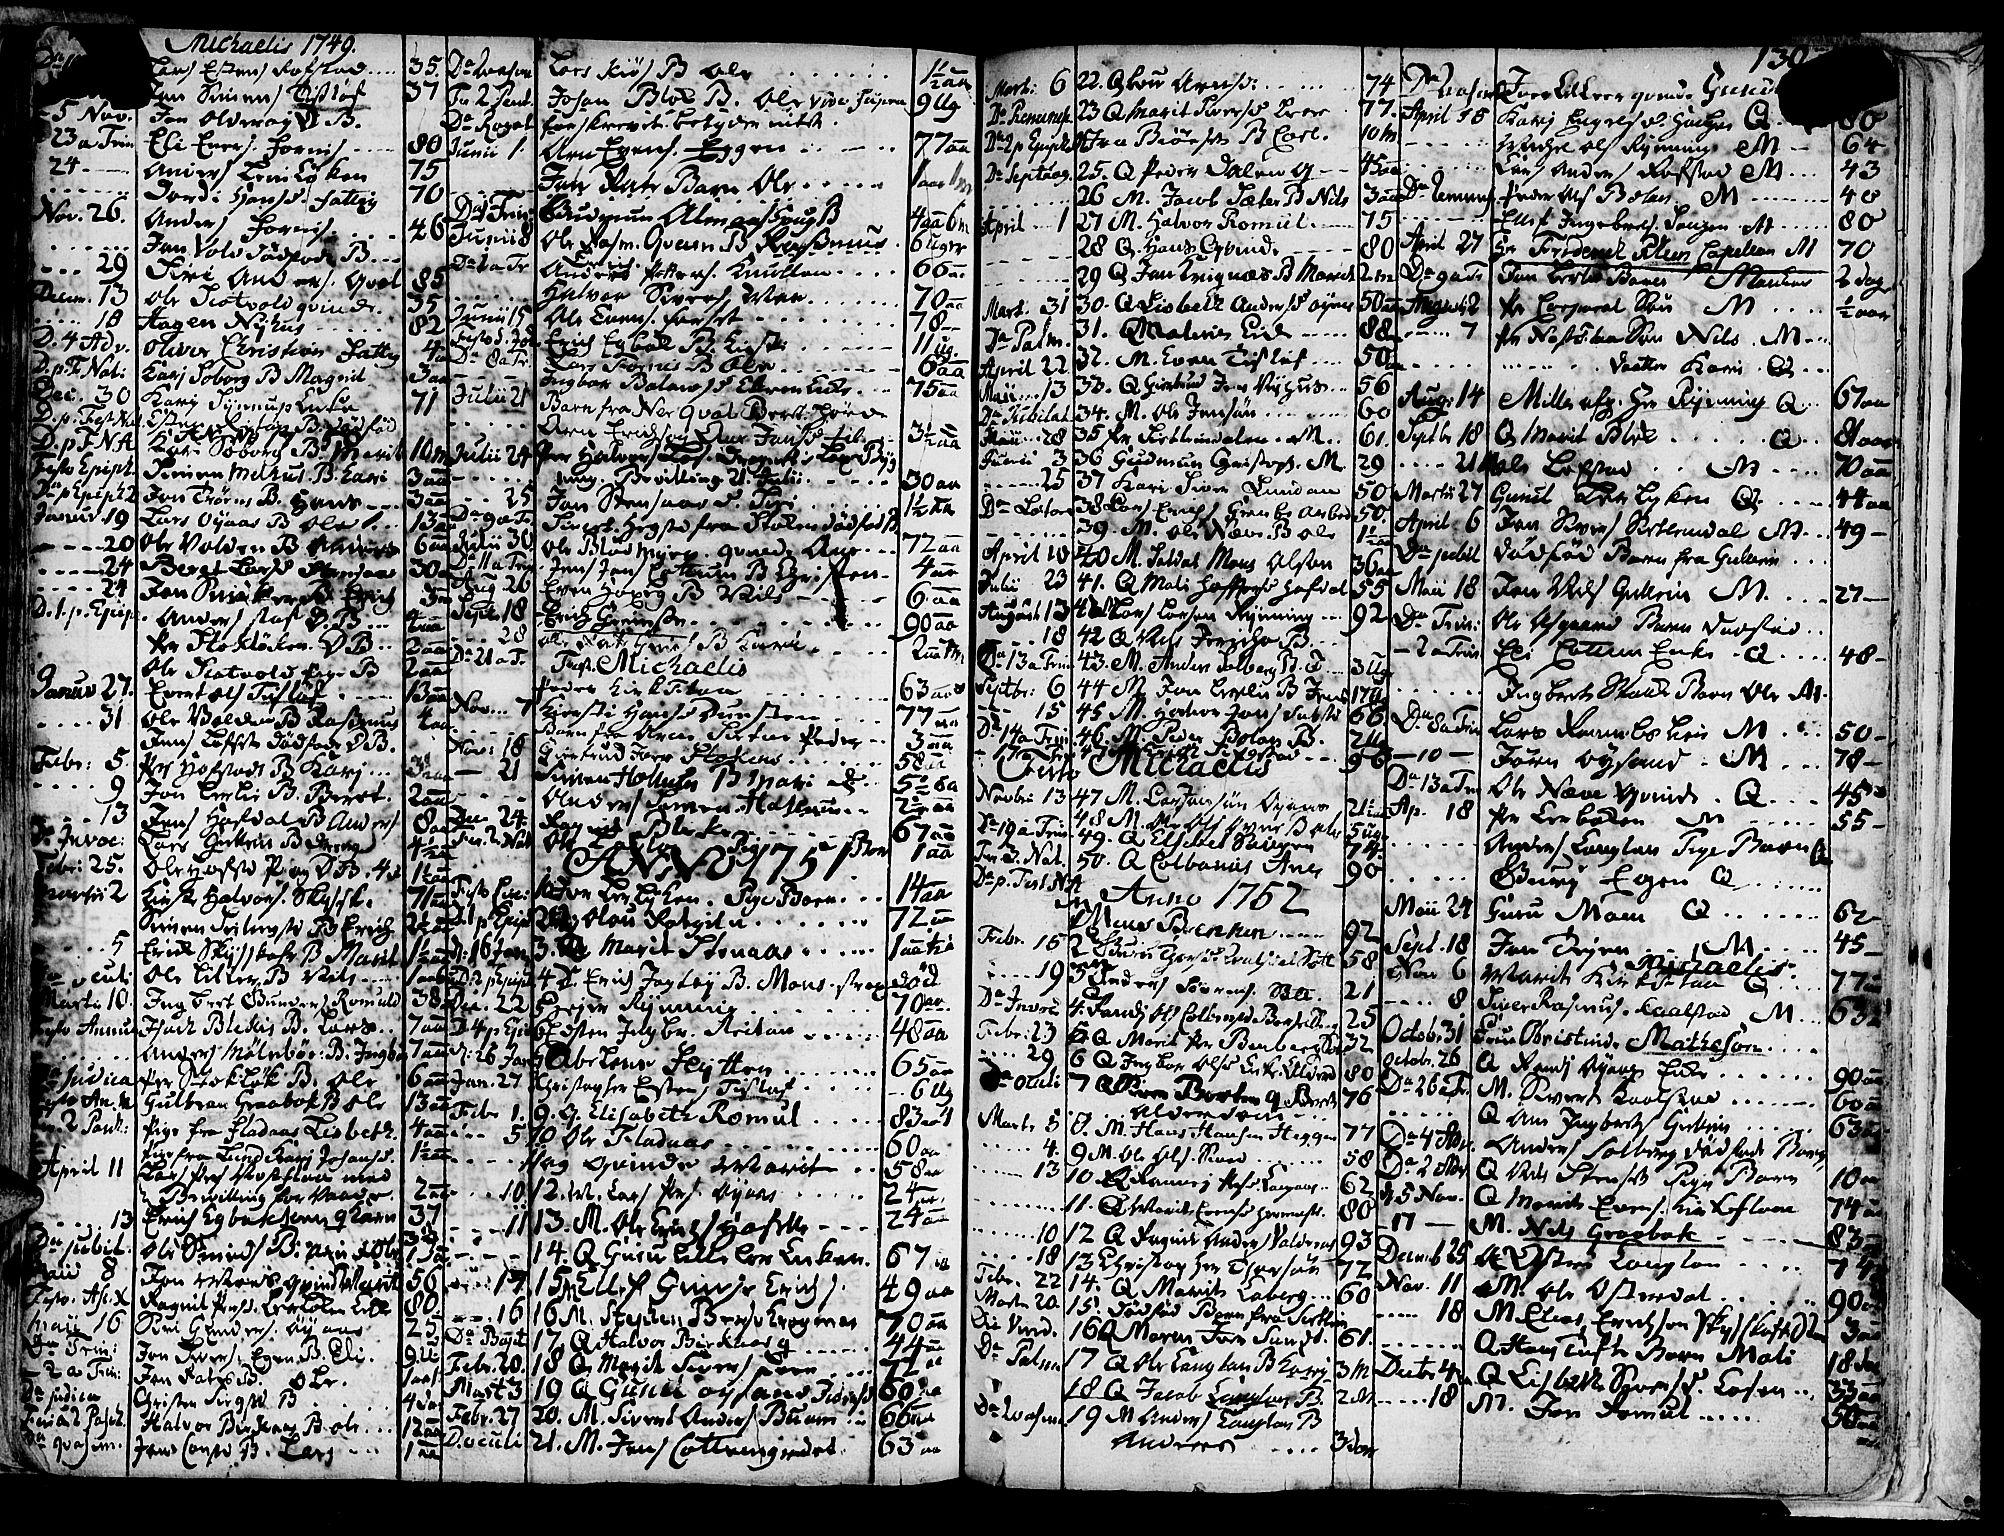 SAT, Ministerialprotokoller, klokkerbøker og fødselsregistre - Sør-Trøndelag, 691/L1057: Ministerialbok nr. 691A01 /1, 1740-1767, s. 130